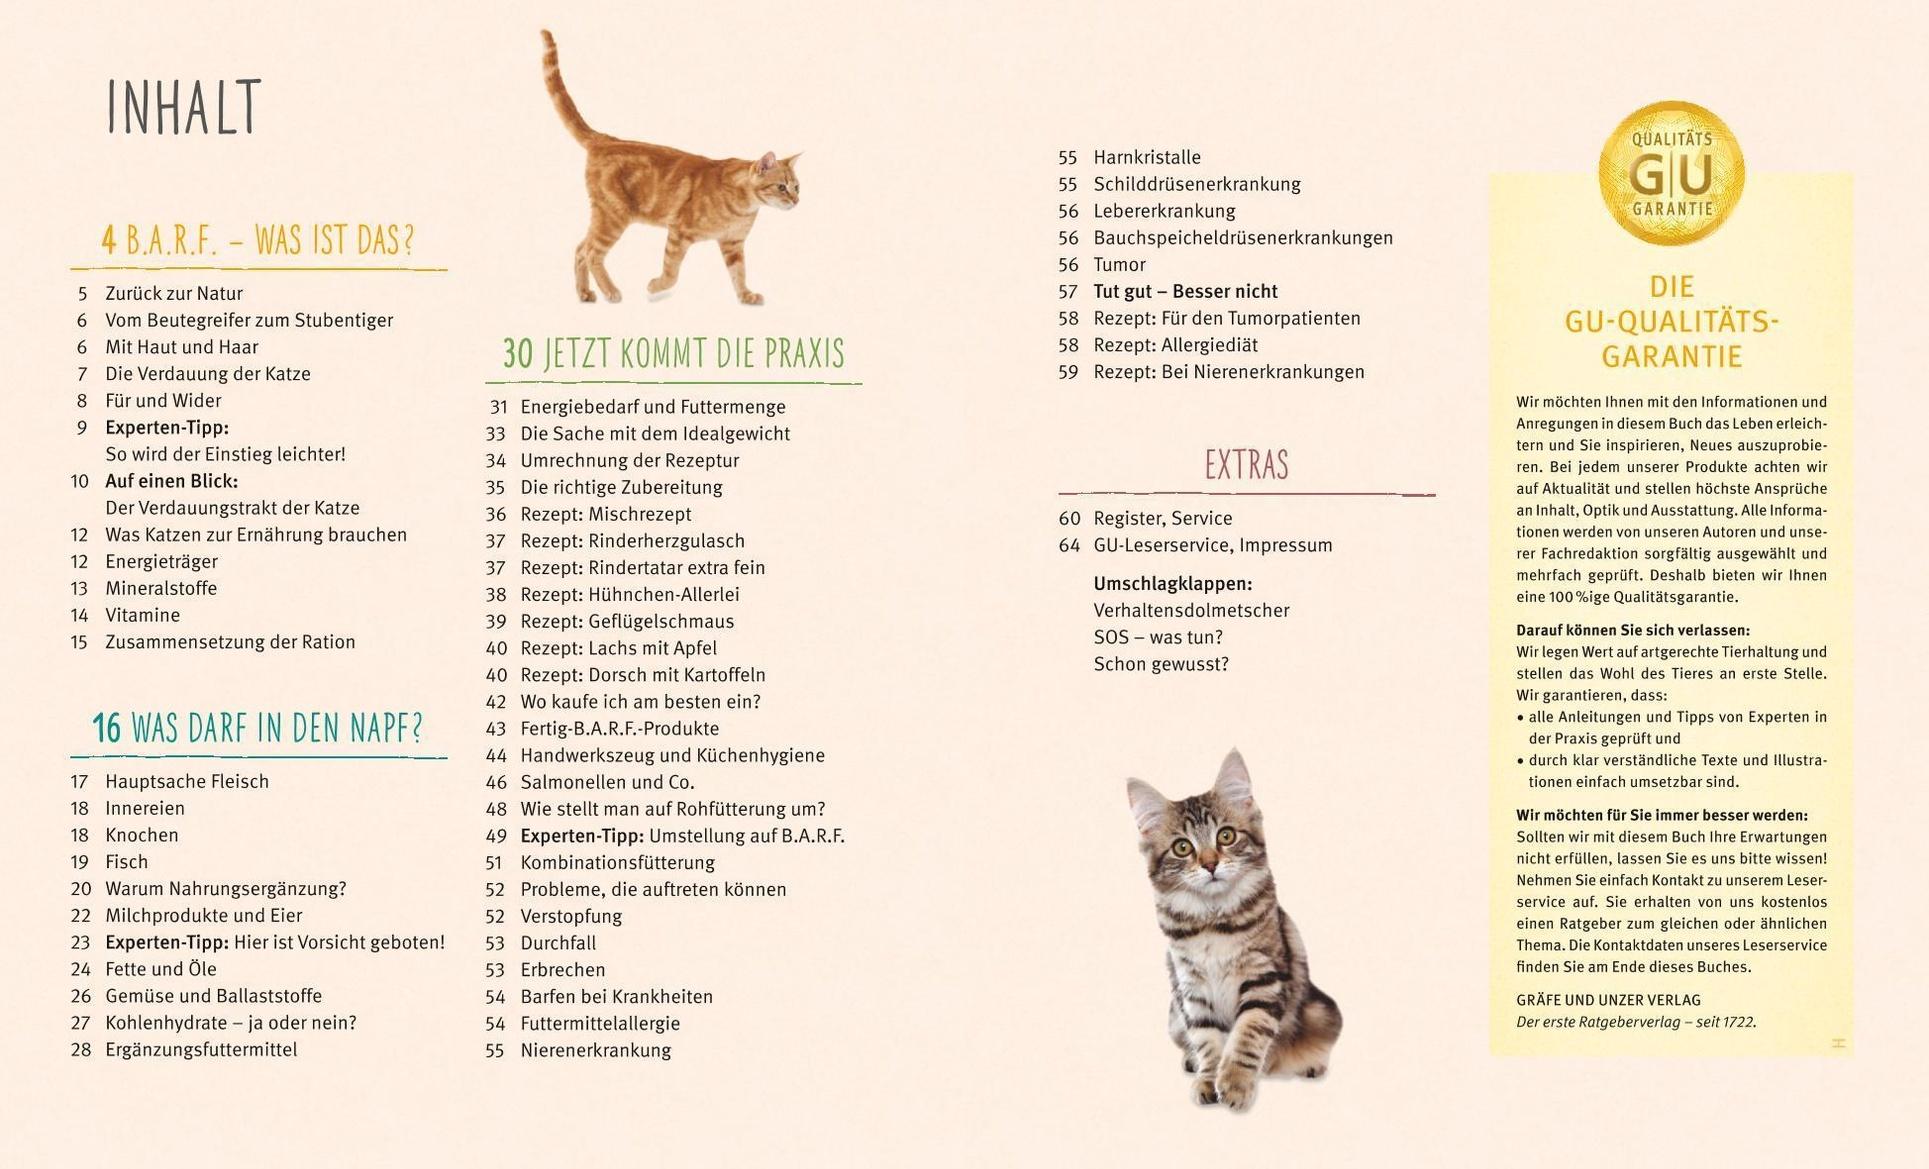 Spirulina für Gewichtsverlust Preis in Argentinien Katze